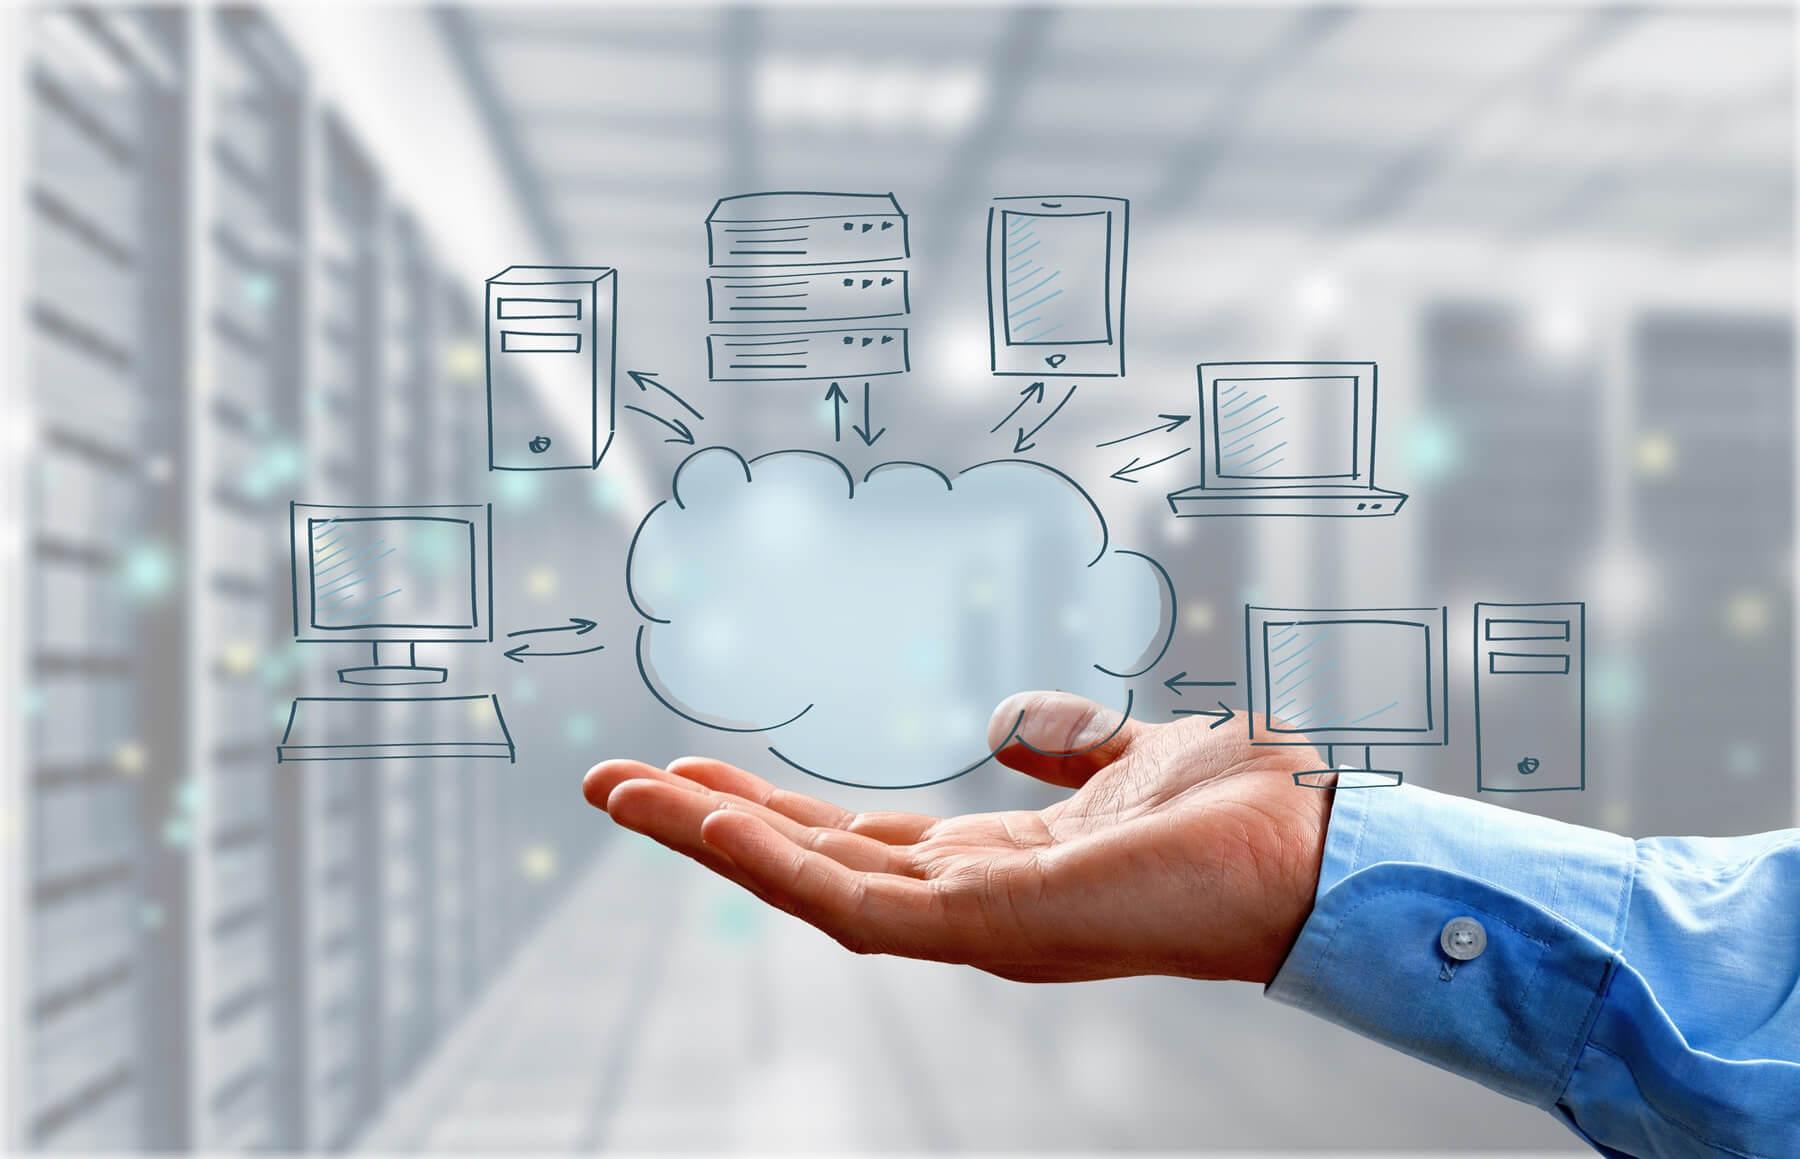 Tipos de nuvem em cloud computing